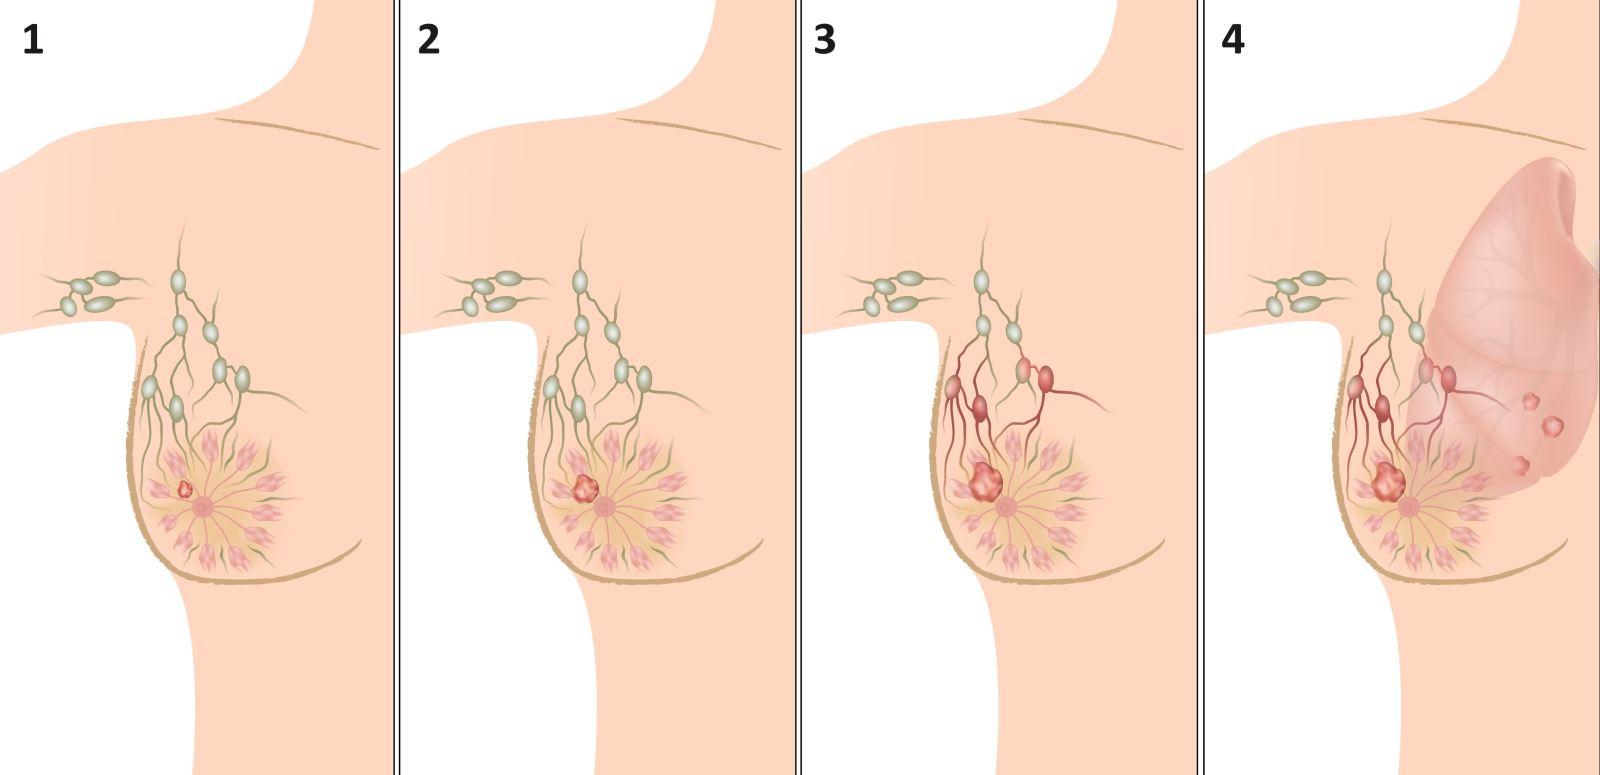 Нашли подозрение на рак молочной железы